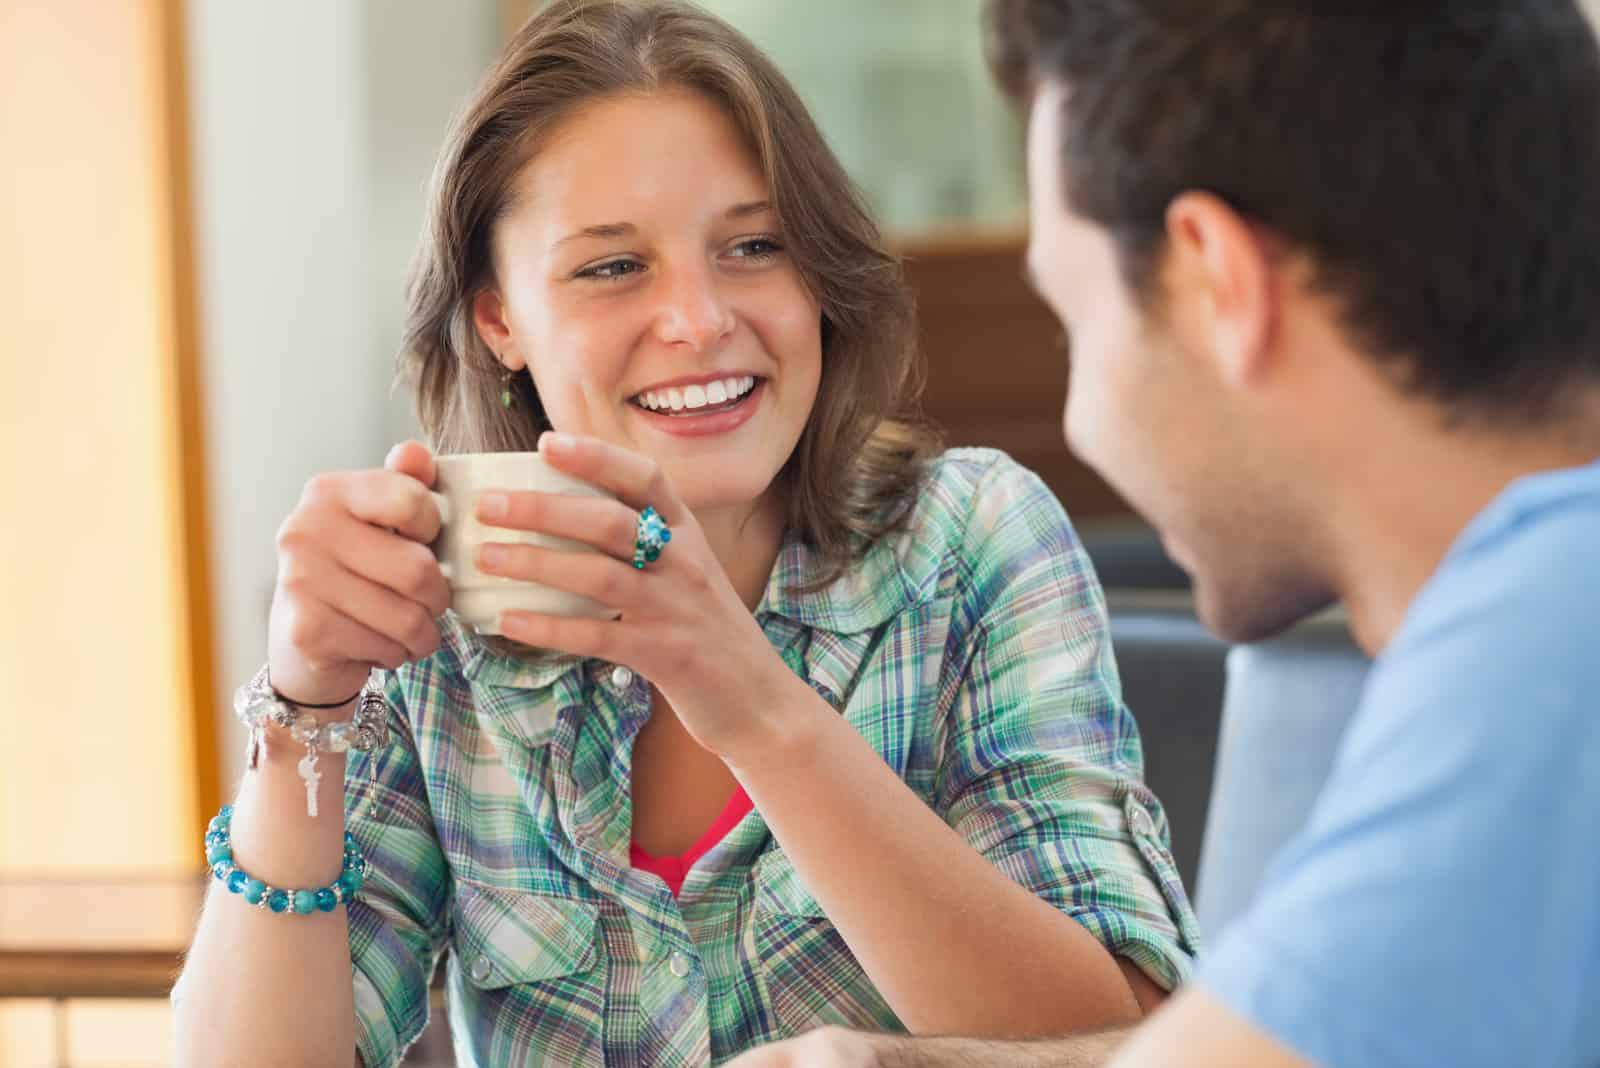 un homme et une femme buvant du café et riant